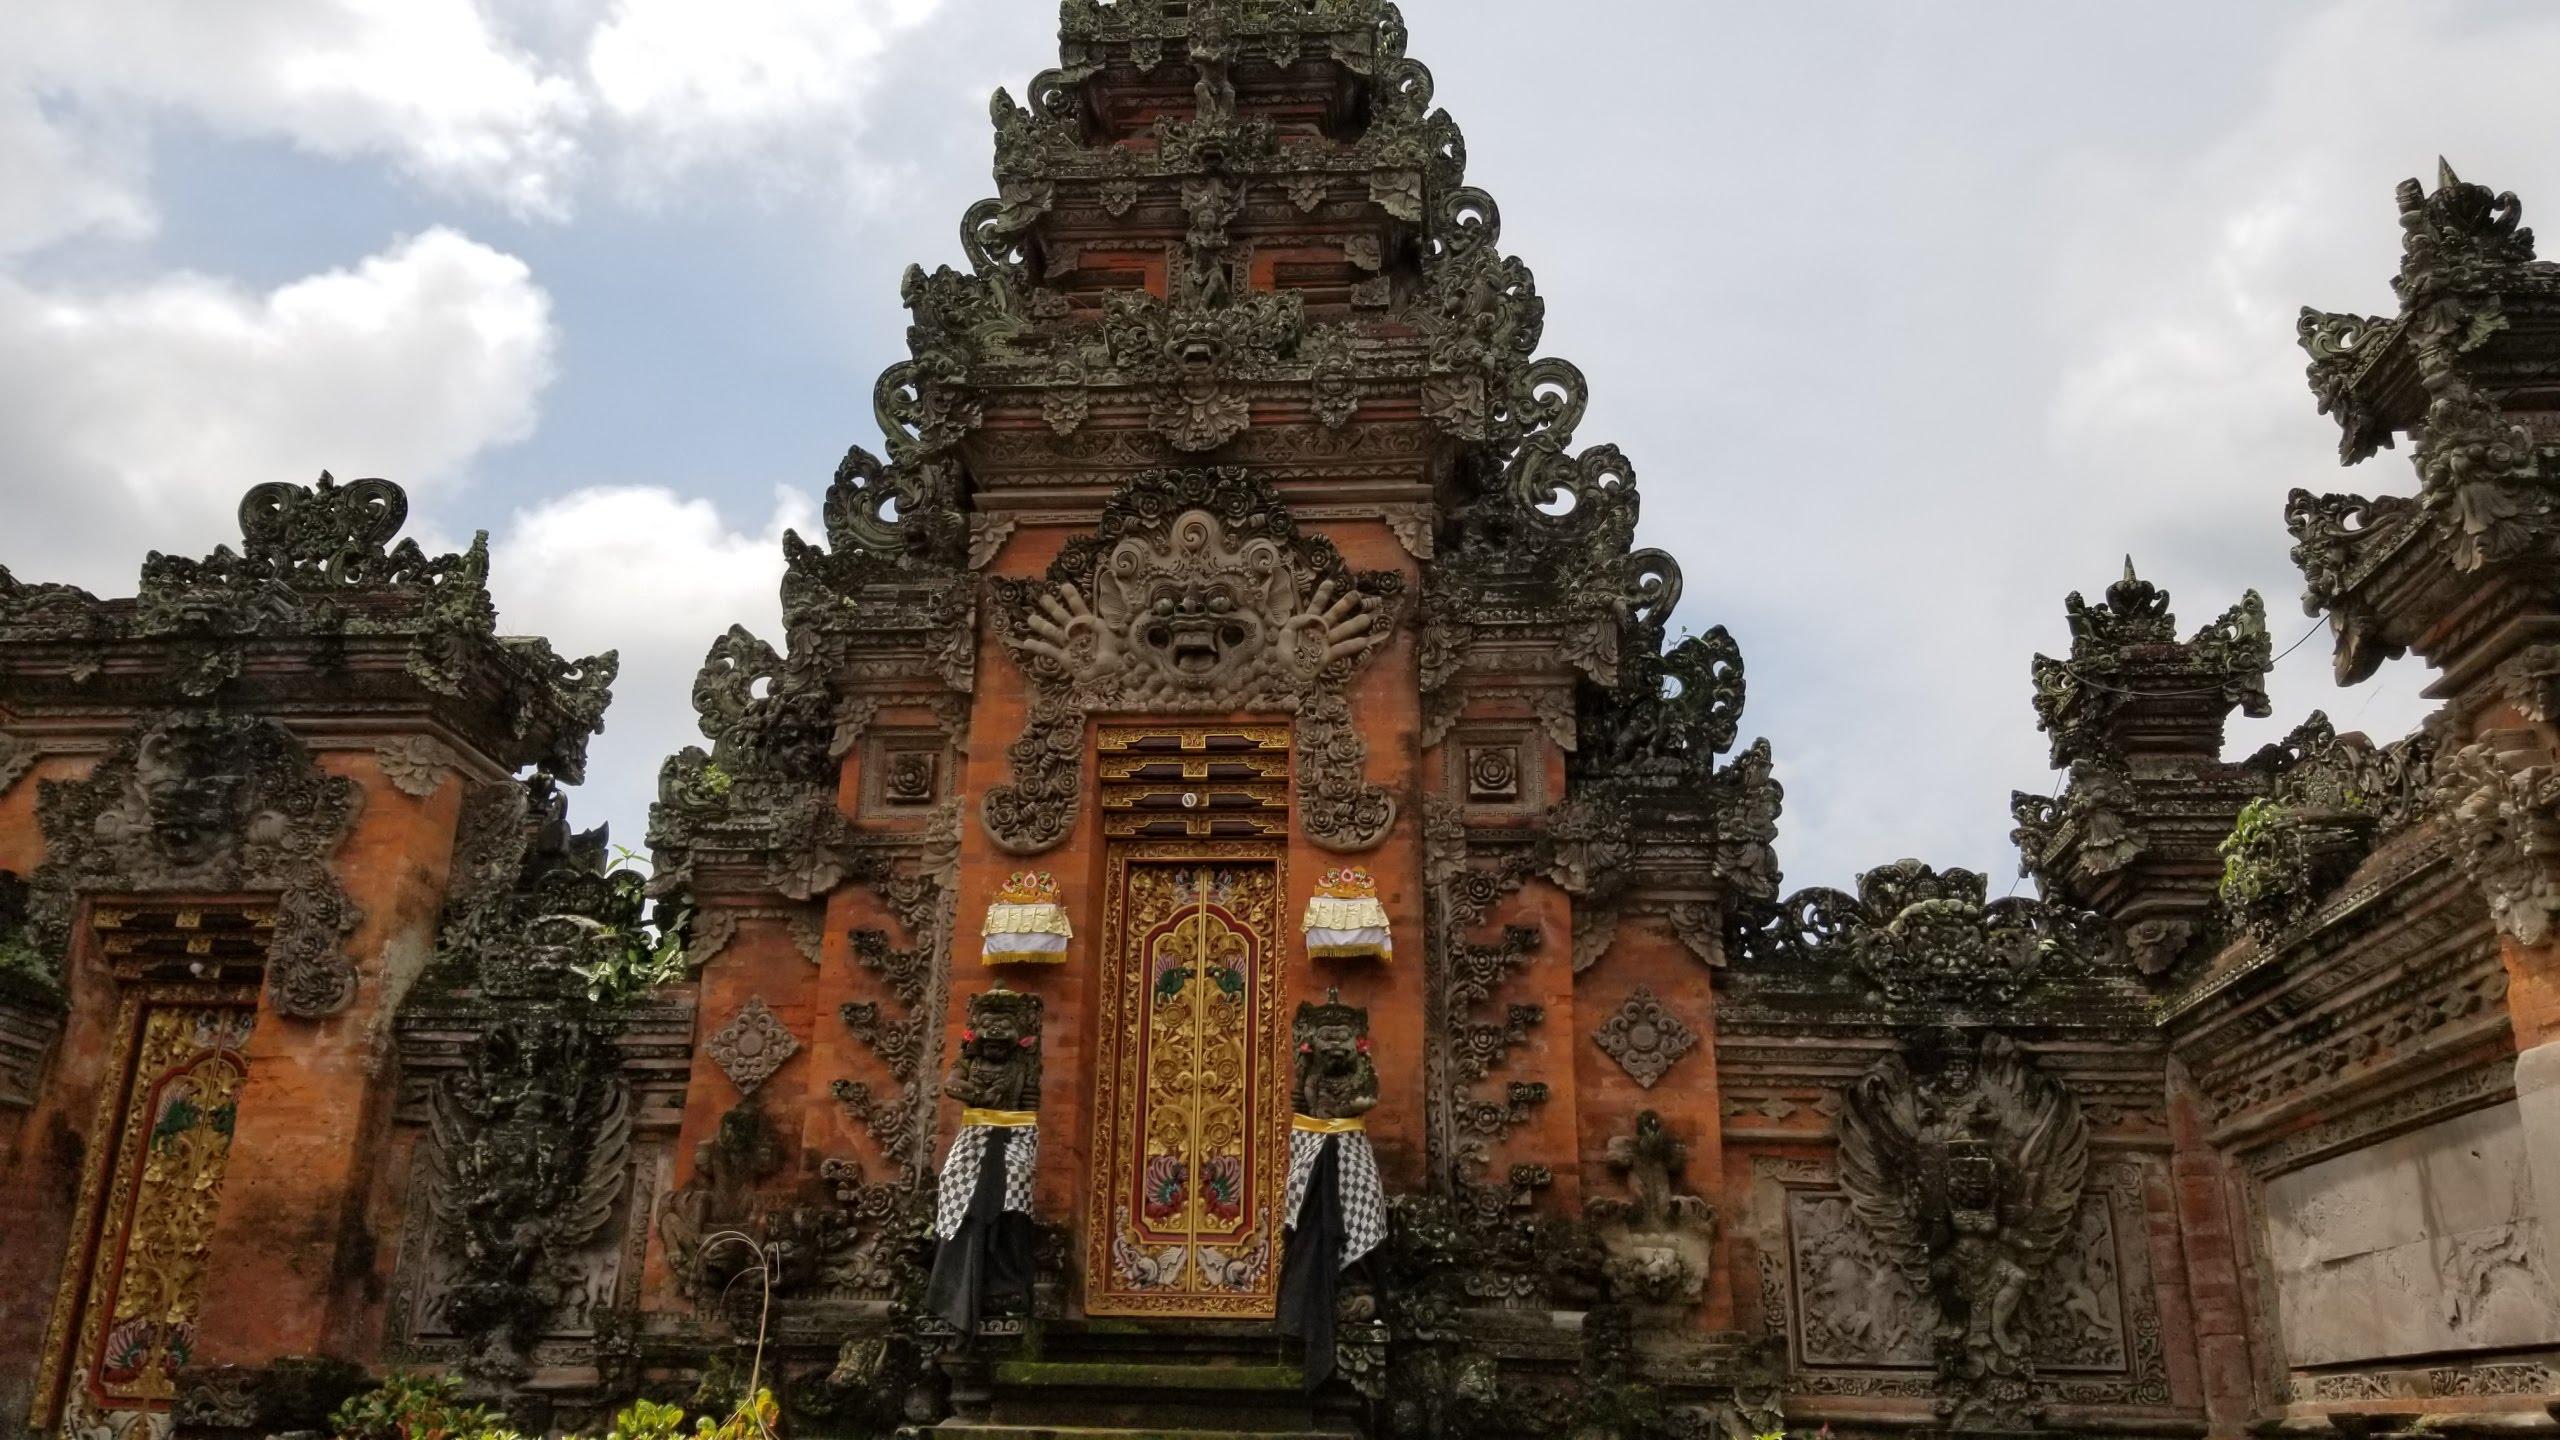 Temple in Ubud